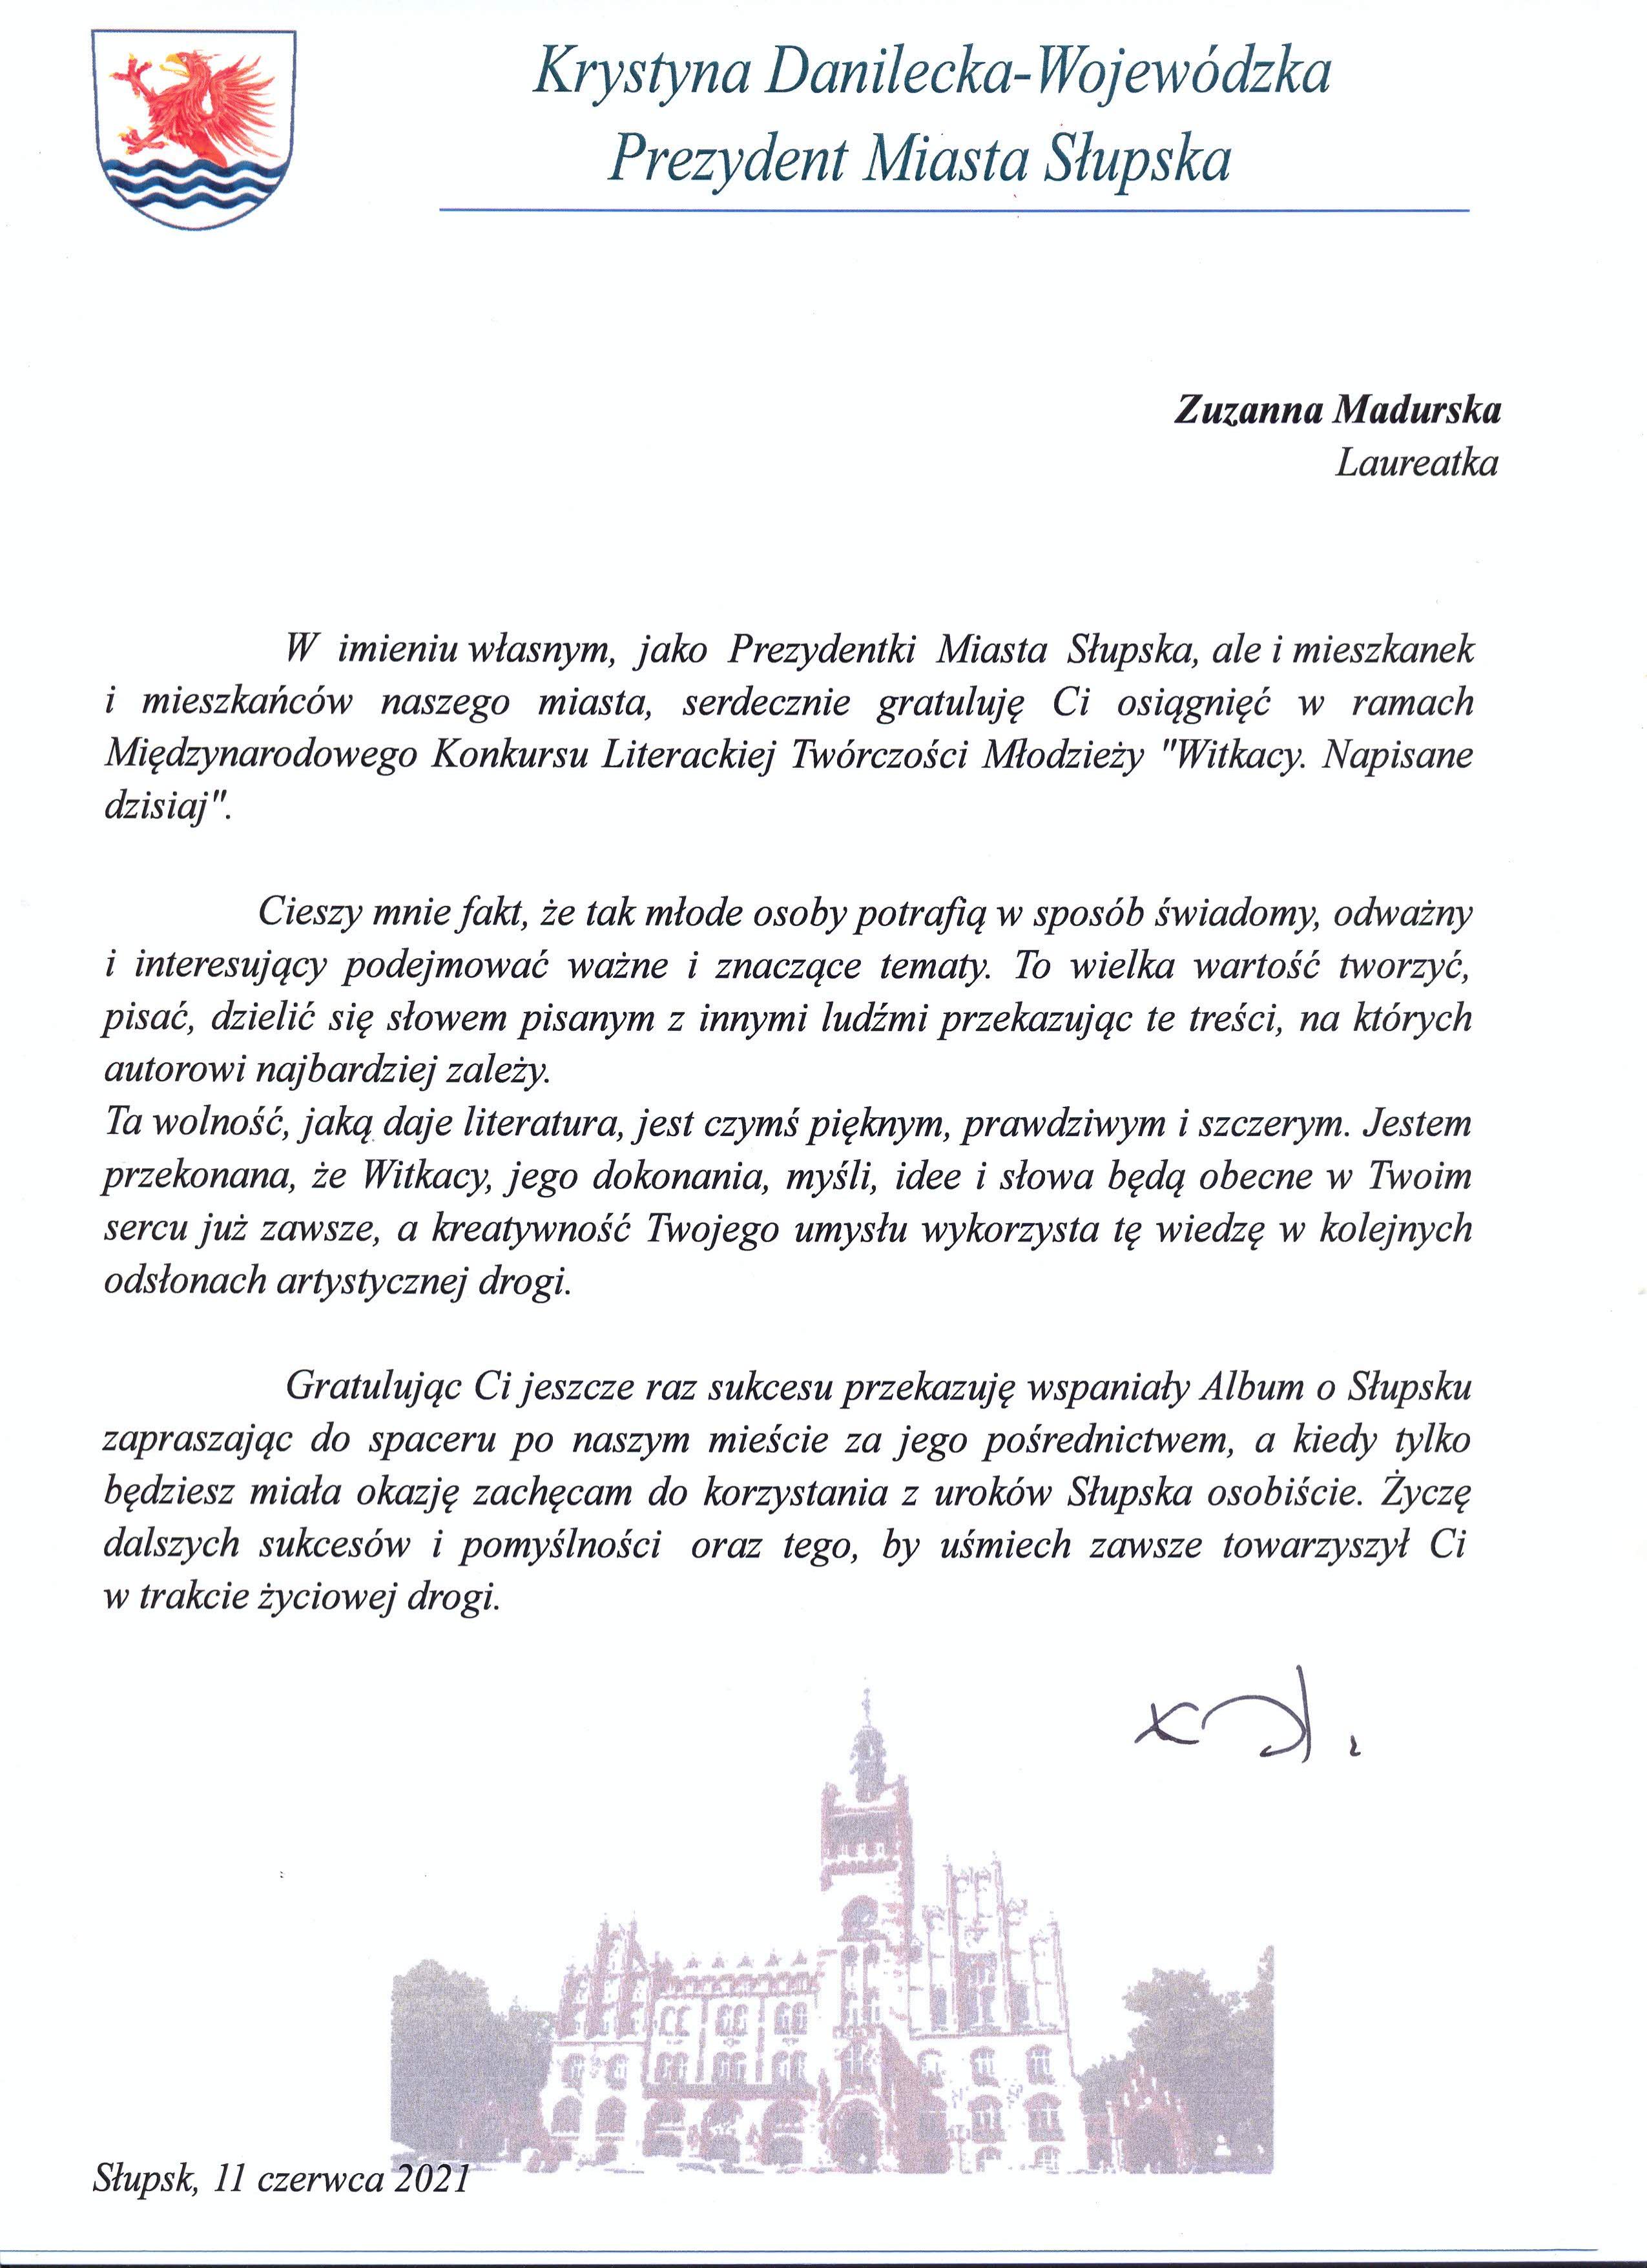 XIV LO - List gratulacyjny dla Zuzanny Madurskiej.png